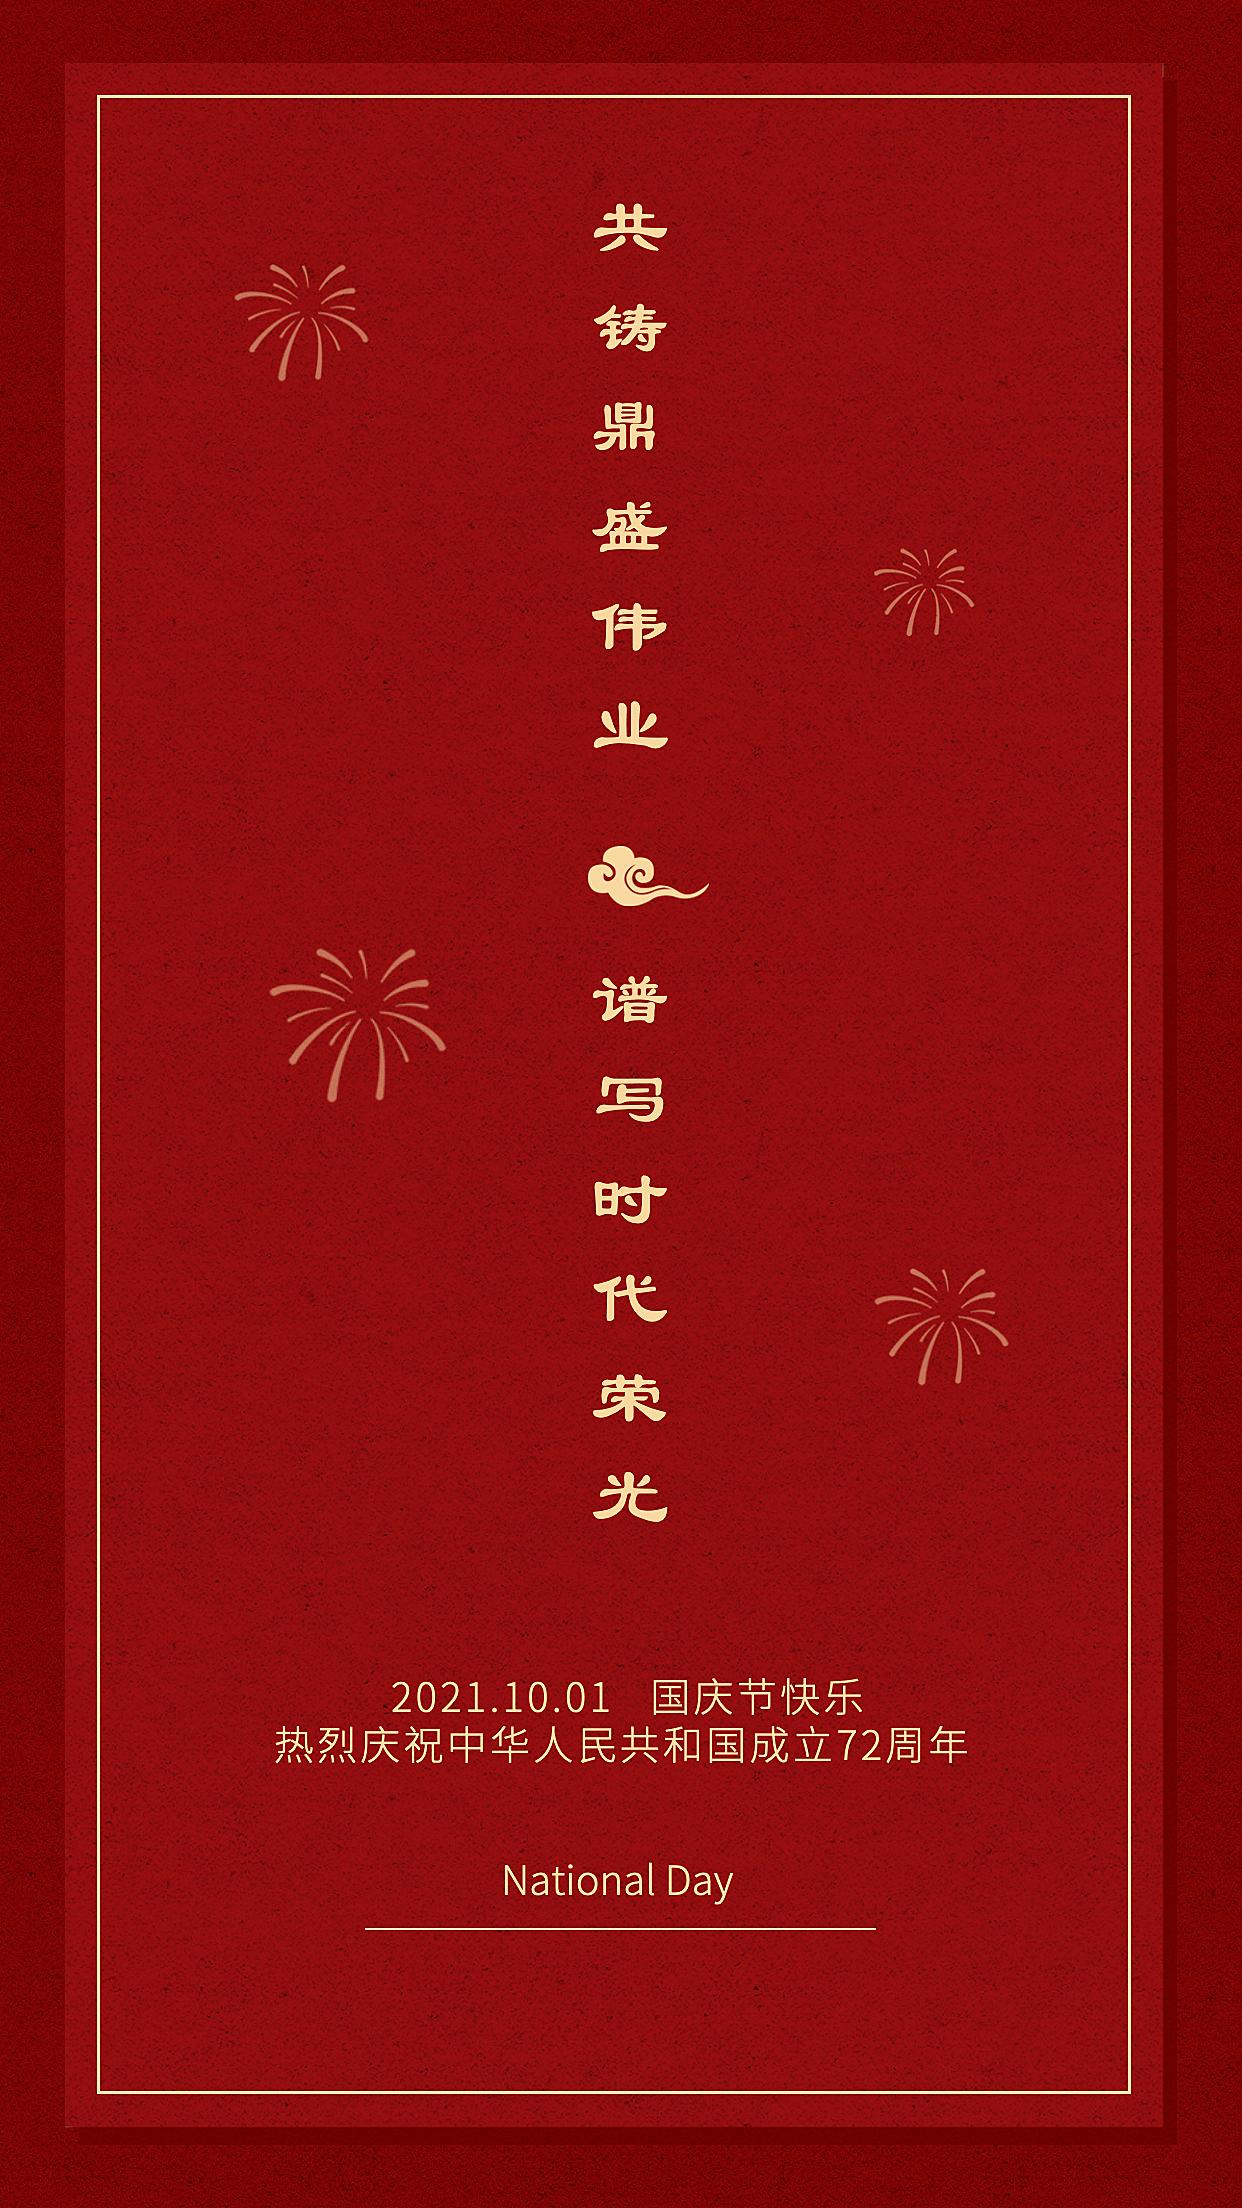 房地产十一国庆节祝福海报